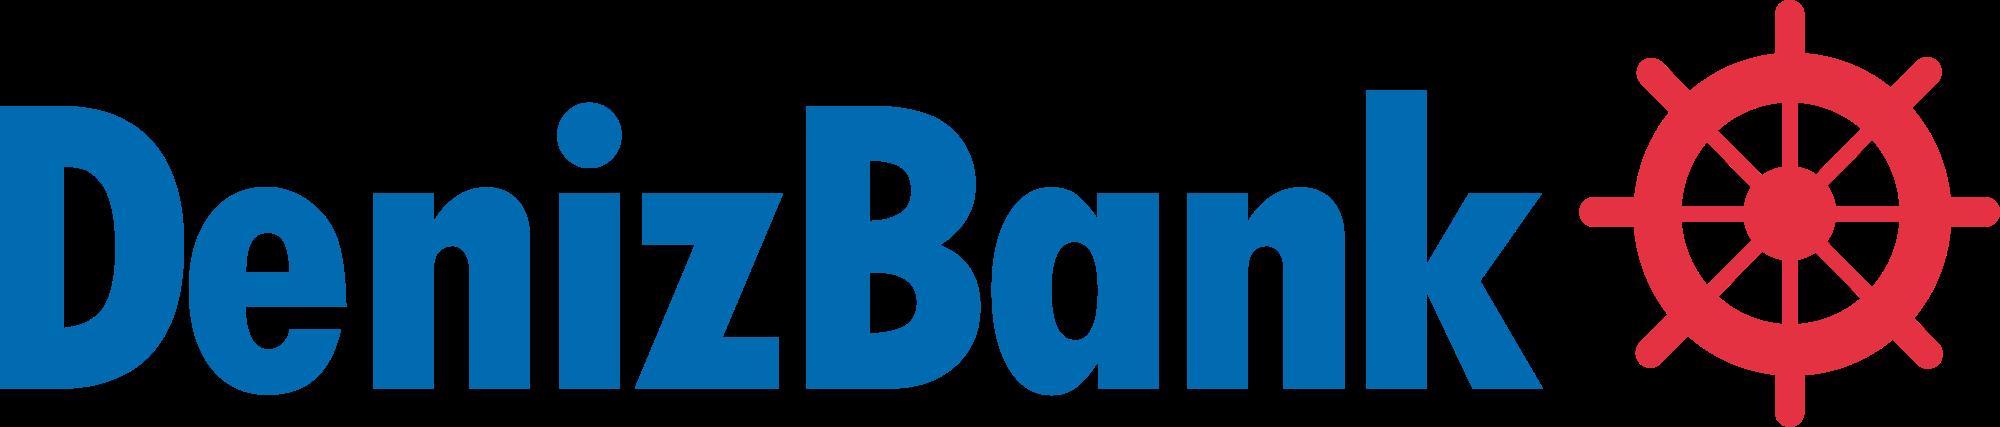 Denizbank Gratis Konto Das Stammkonto Für Tages Und Festgeld